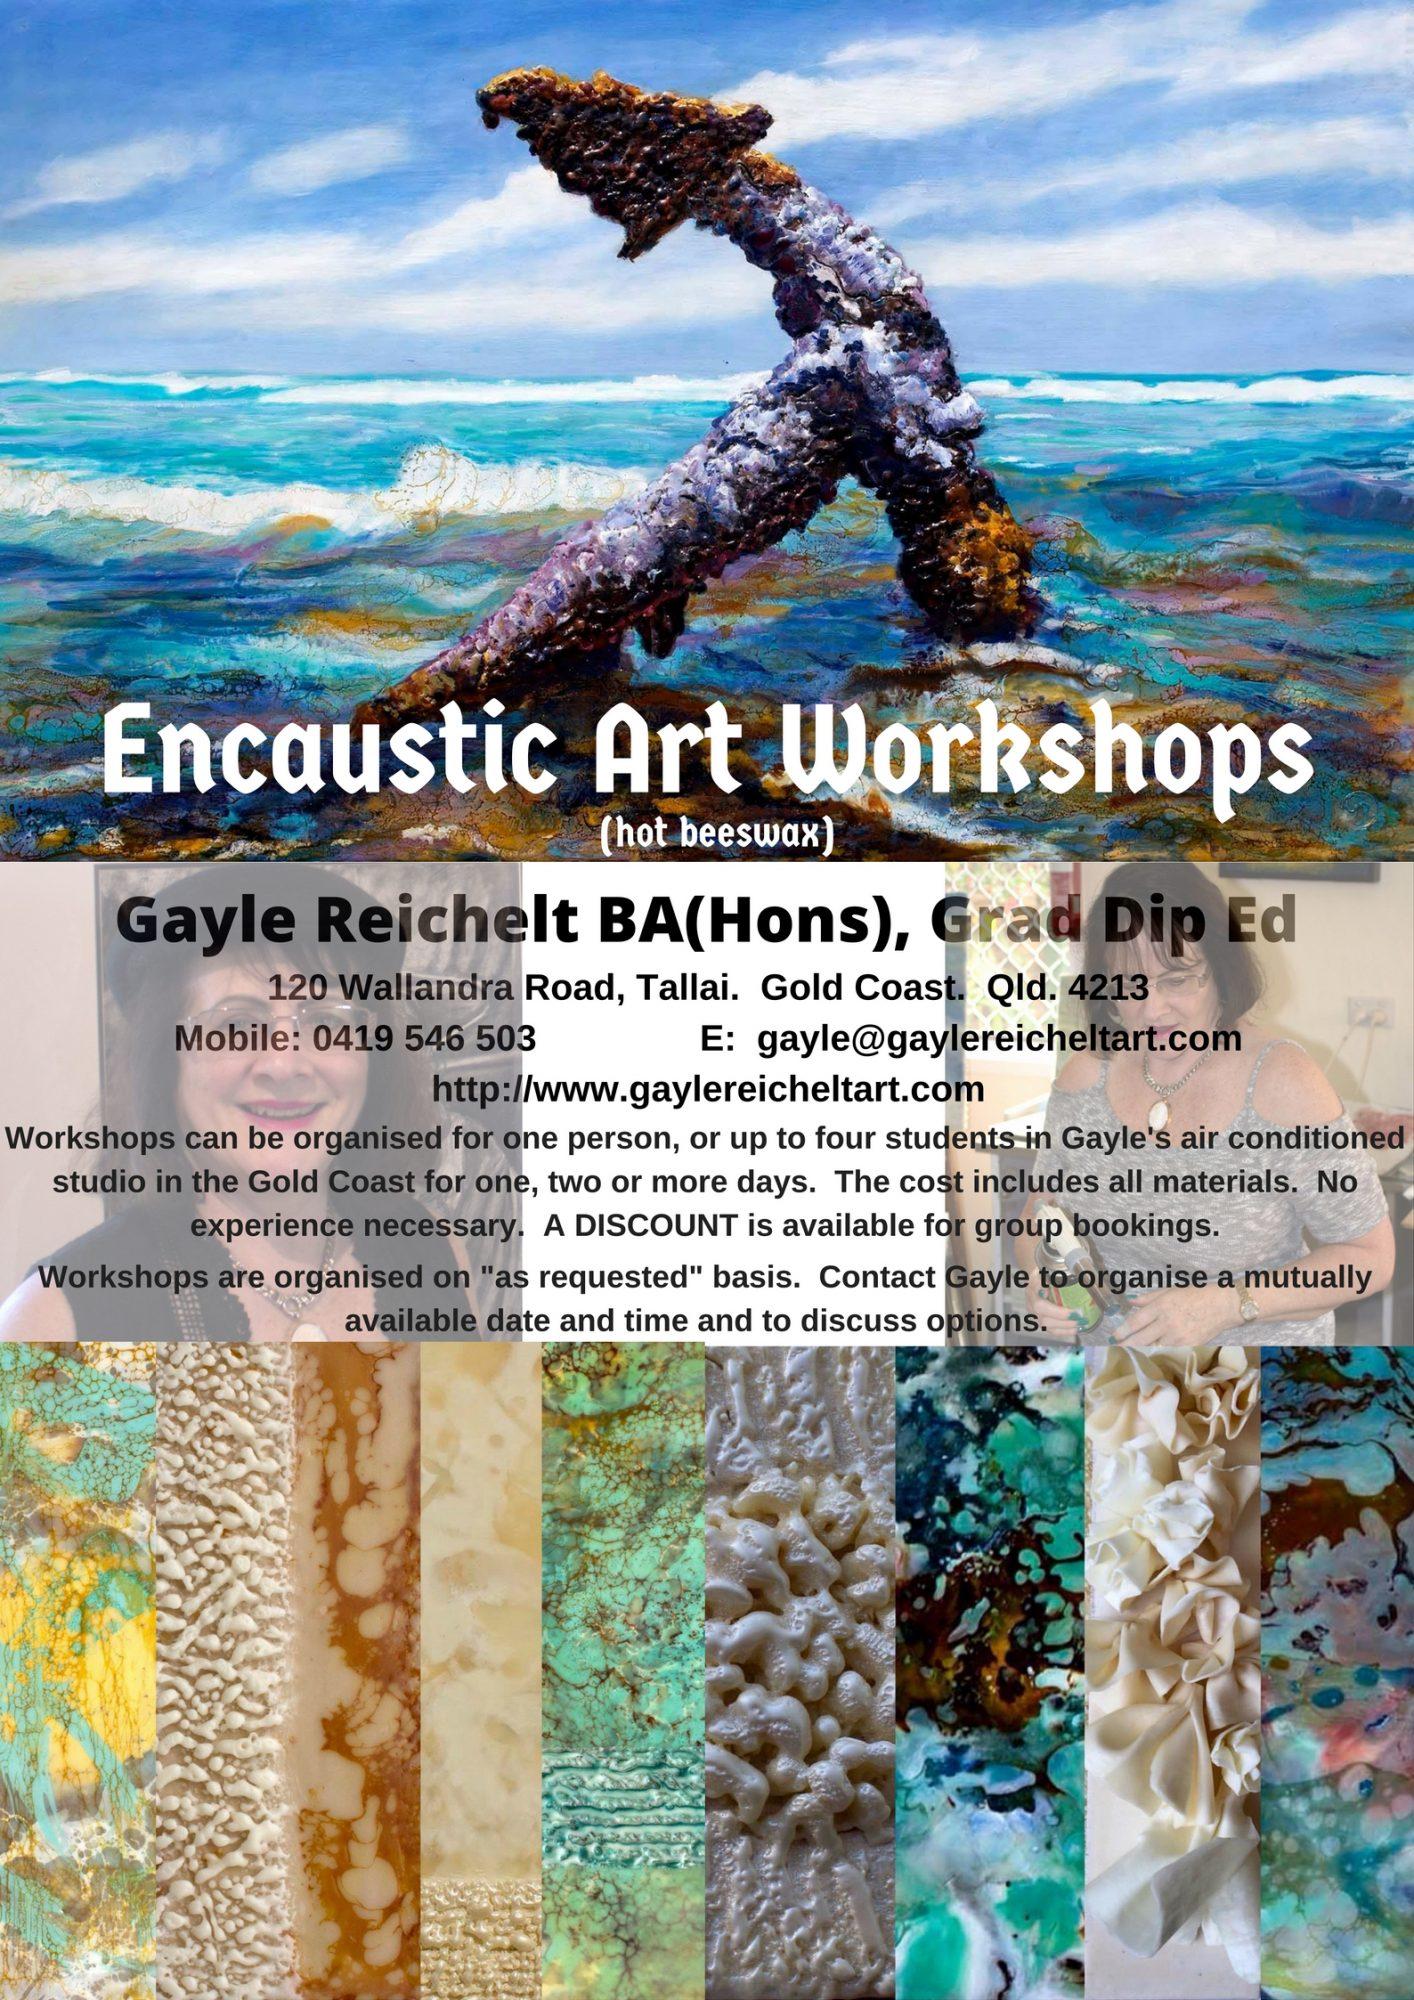 encaustic-art-workshop-brochure-art-lovers